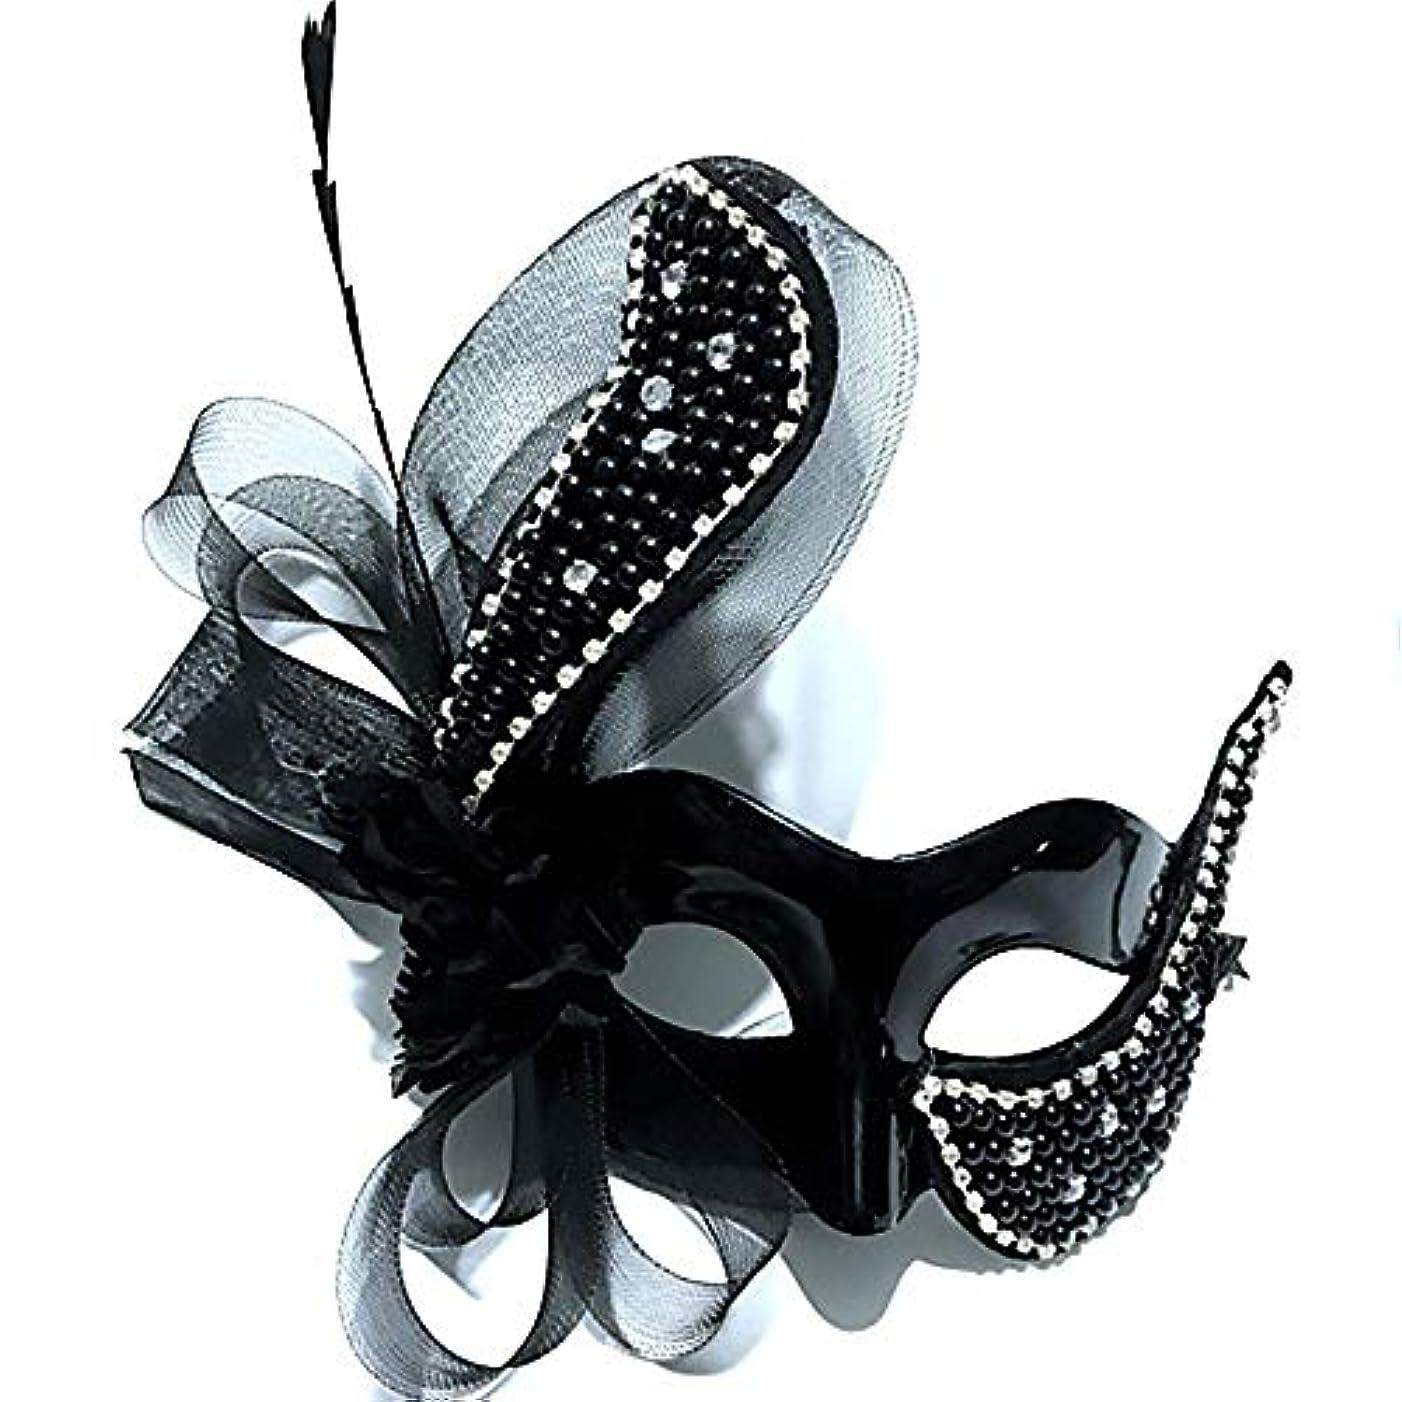 待つ高度カプセルNanle ハロウィーンヴィンテージフェザーラインストーンマスク仮装マスクレディミスプリンセス美容祭パーティー装飾マスク